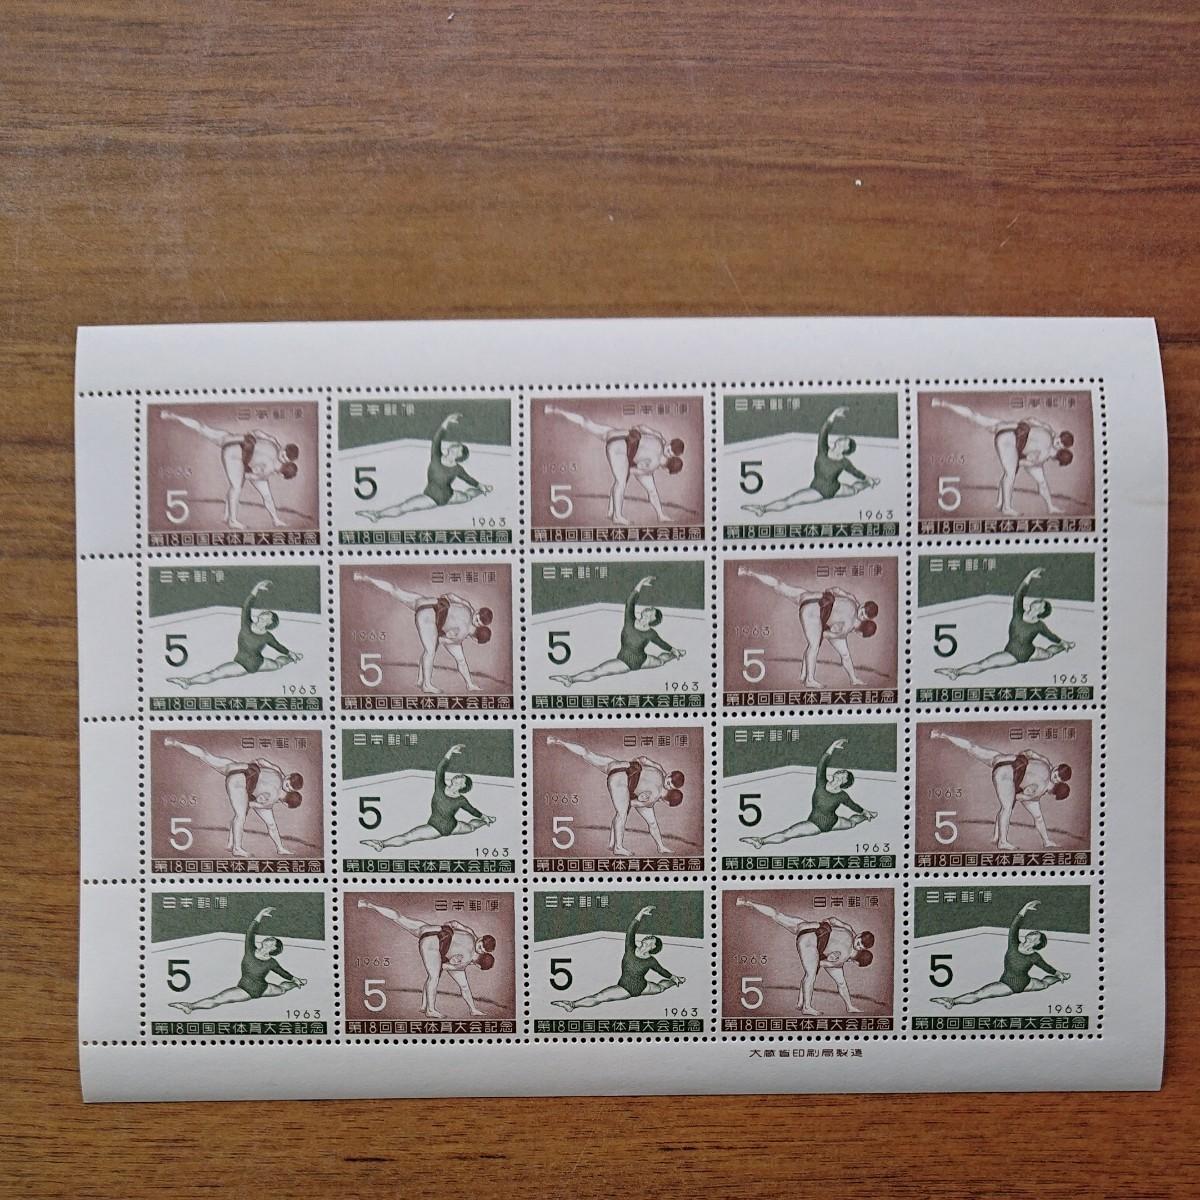 記念切手シート 5円、10円、20円の3種類